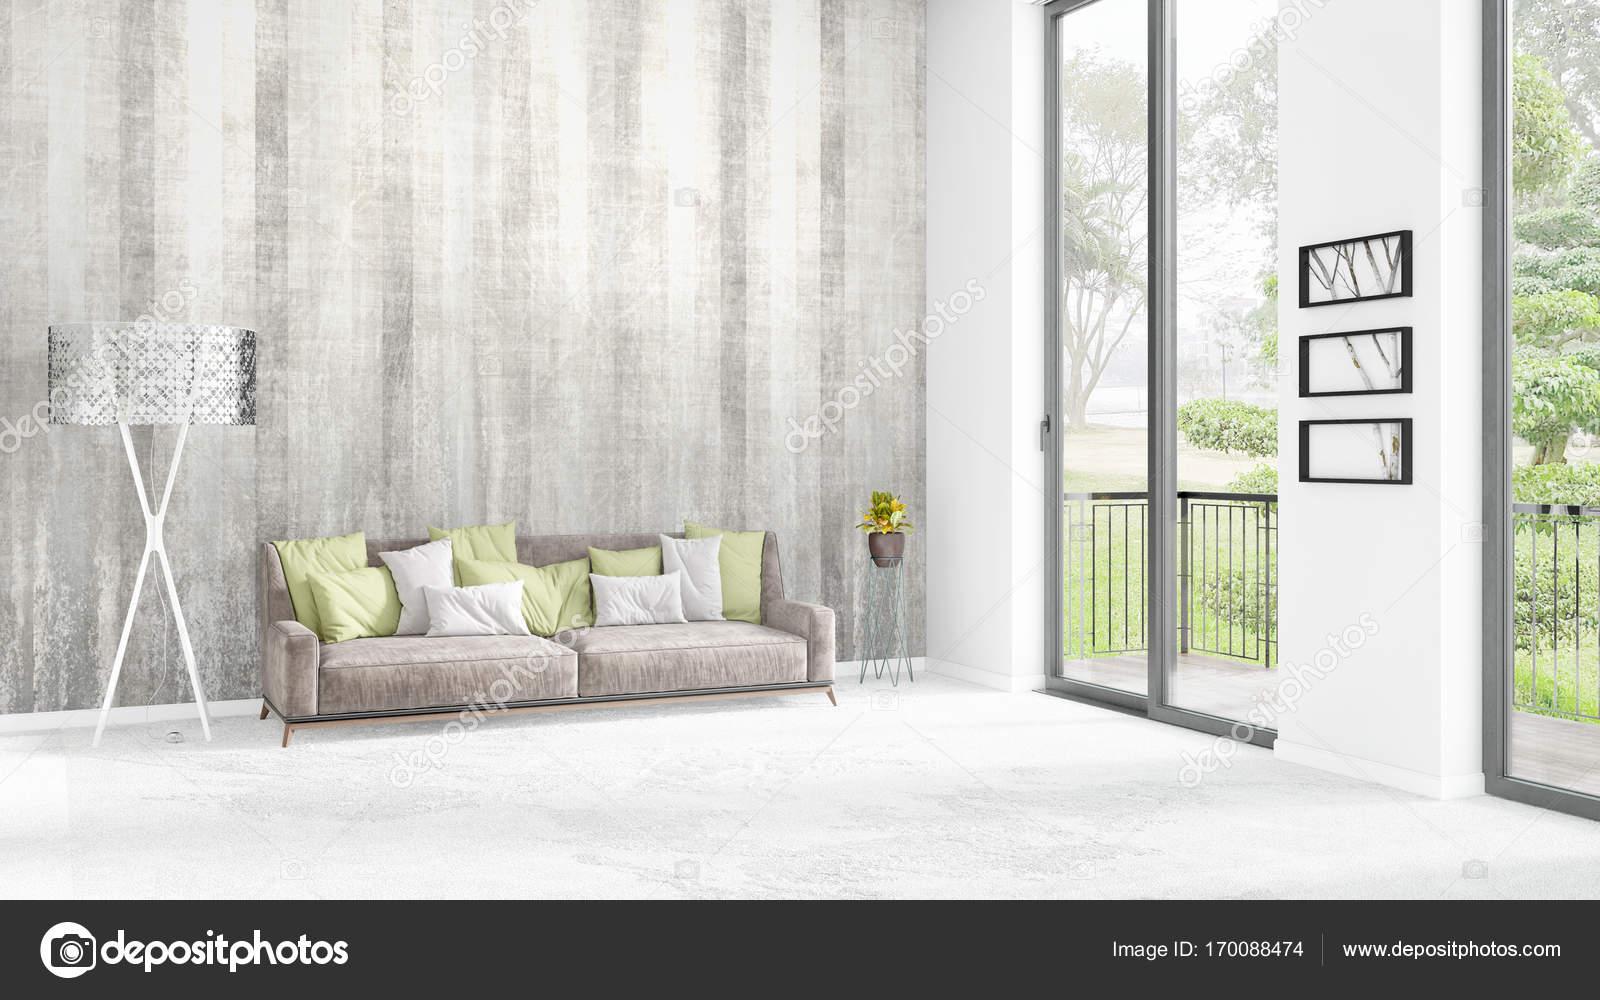 Brandneue Weiße Loft Schlafzimmer Minimalstil Interior Design Mit Exemplar  Wand Und Blick Aus Fenster. 3D